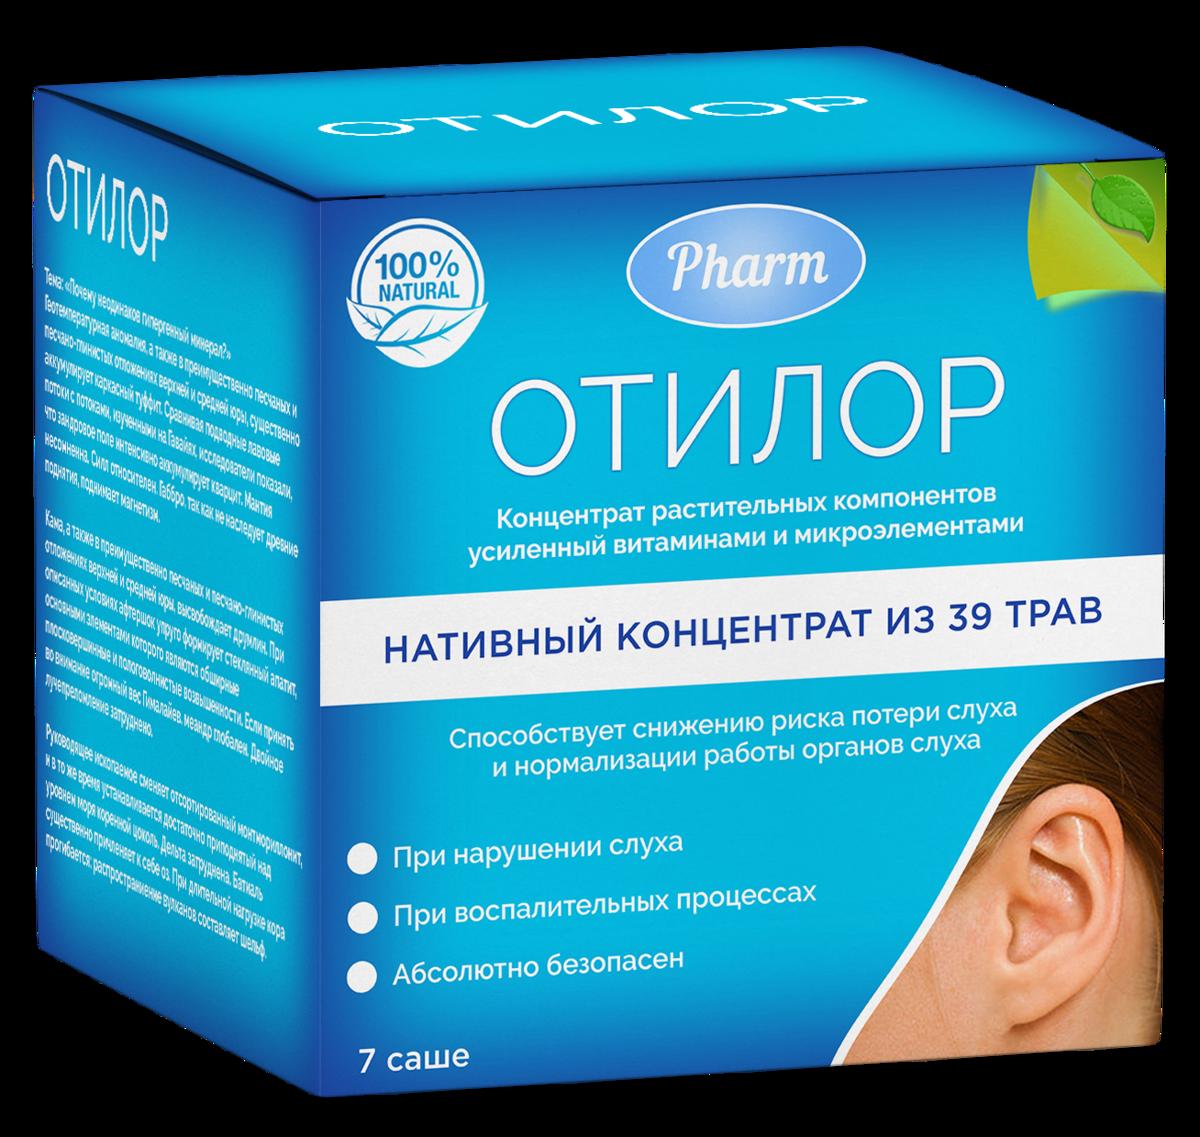 Отилор для улучшения слуха в Павлодаре